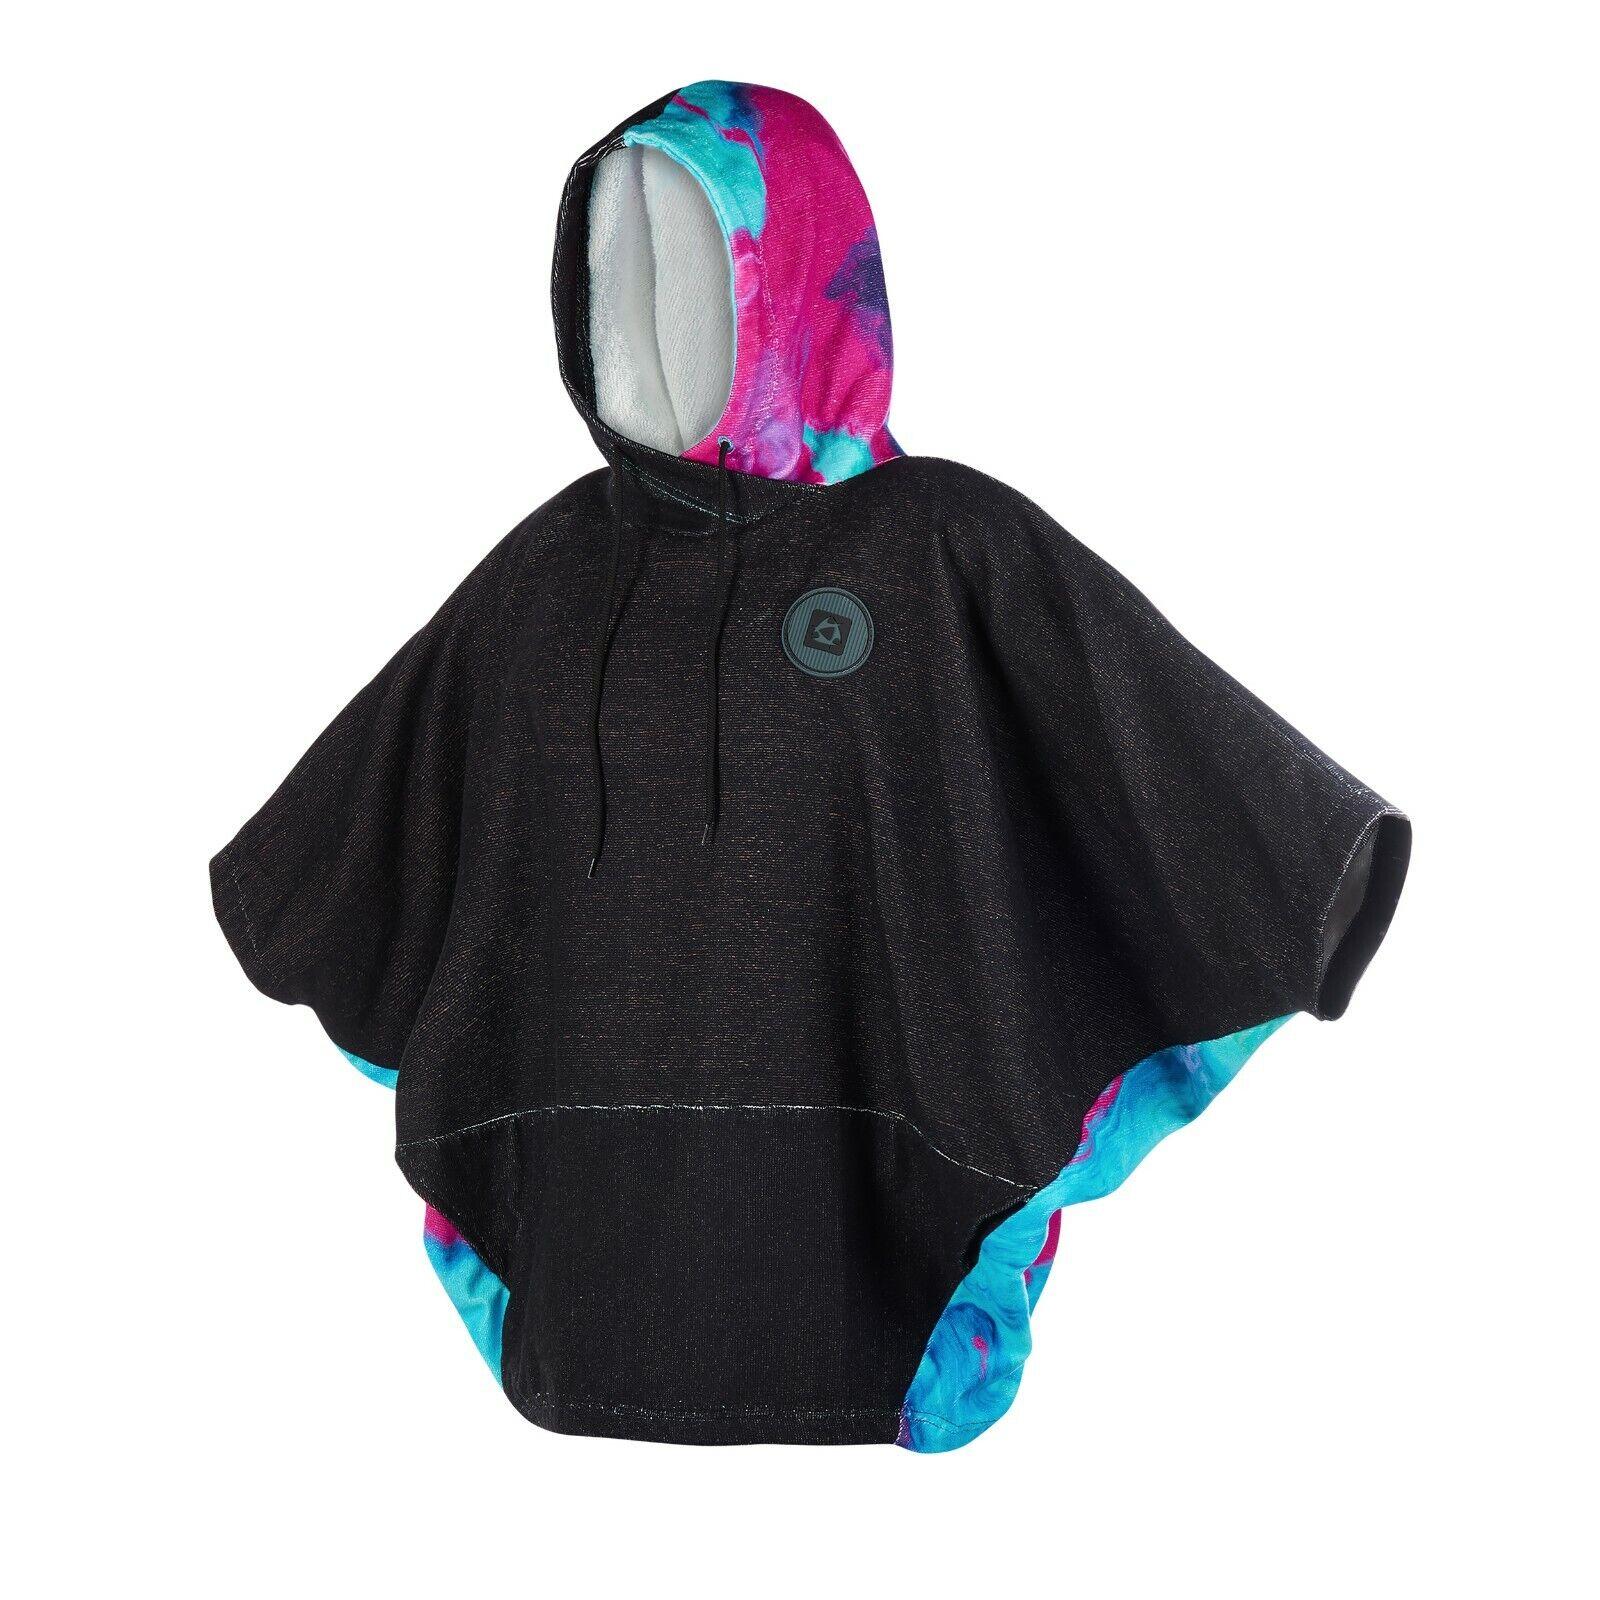 Mystic Mystic Mystic Poncho   Polar   Albornoz Cambiar 2019 - para Dama Aurora 76b5b1